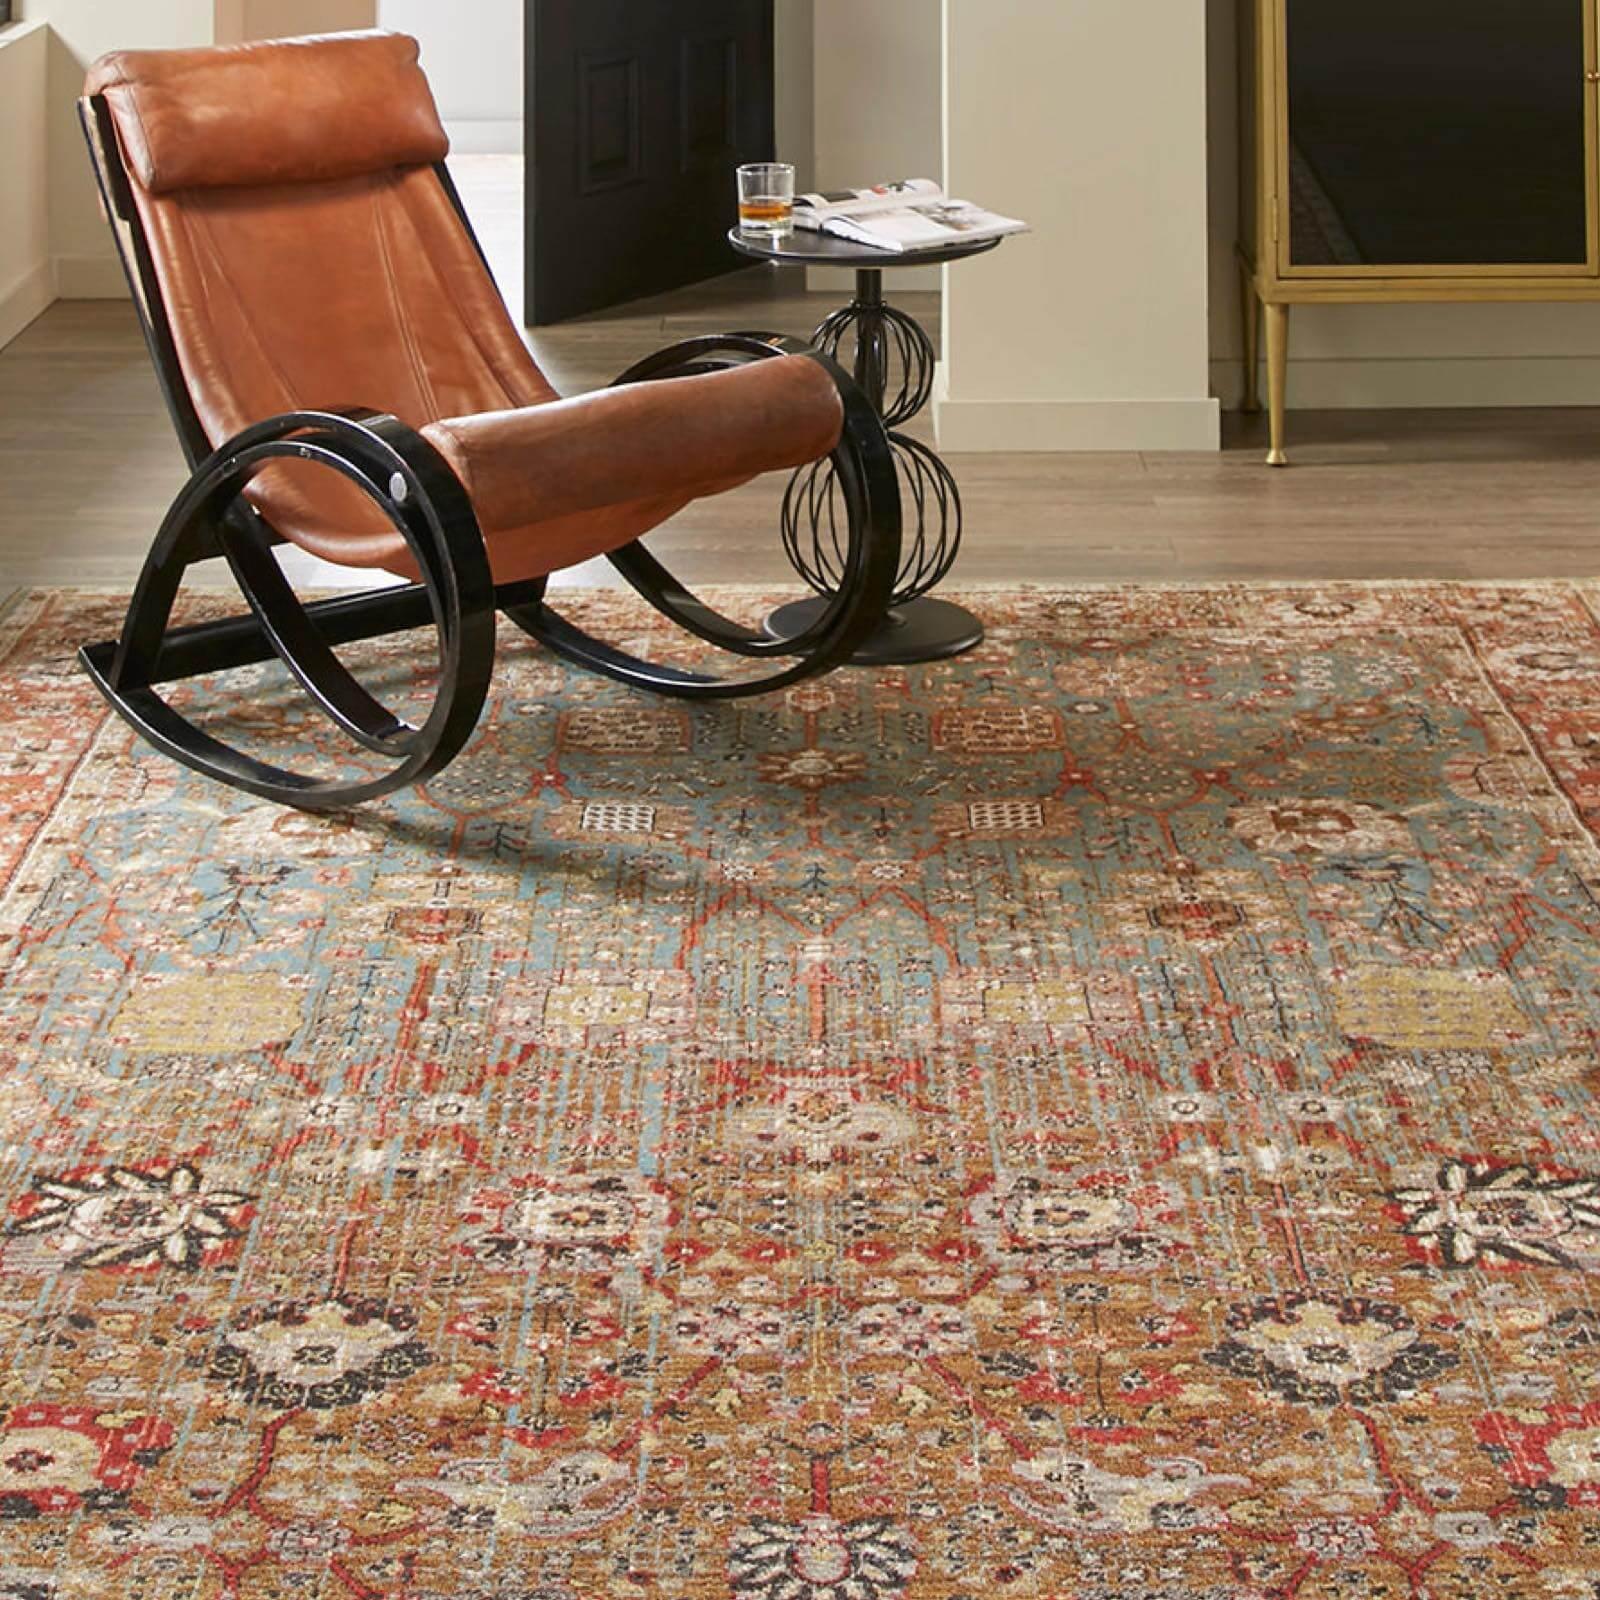 Armchair on Area Rug | Great Floors